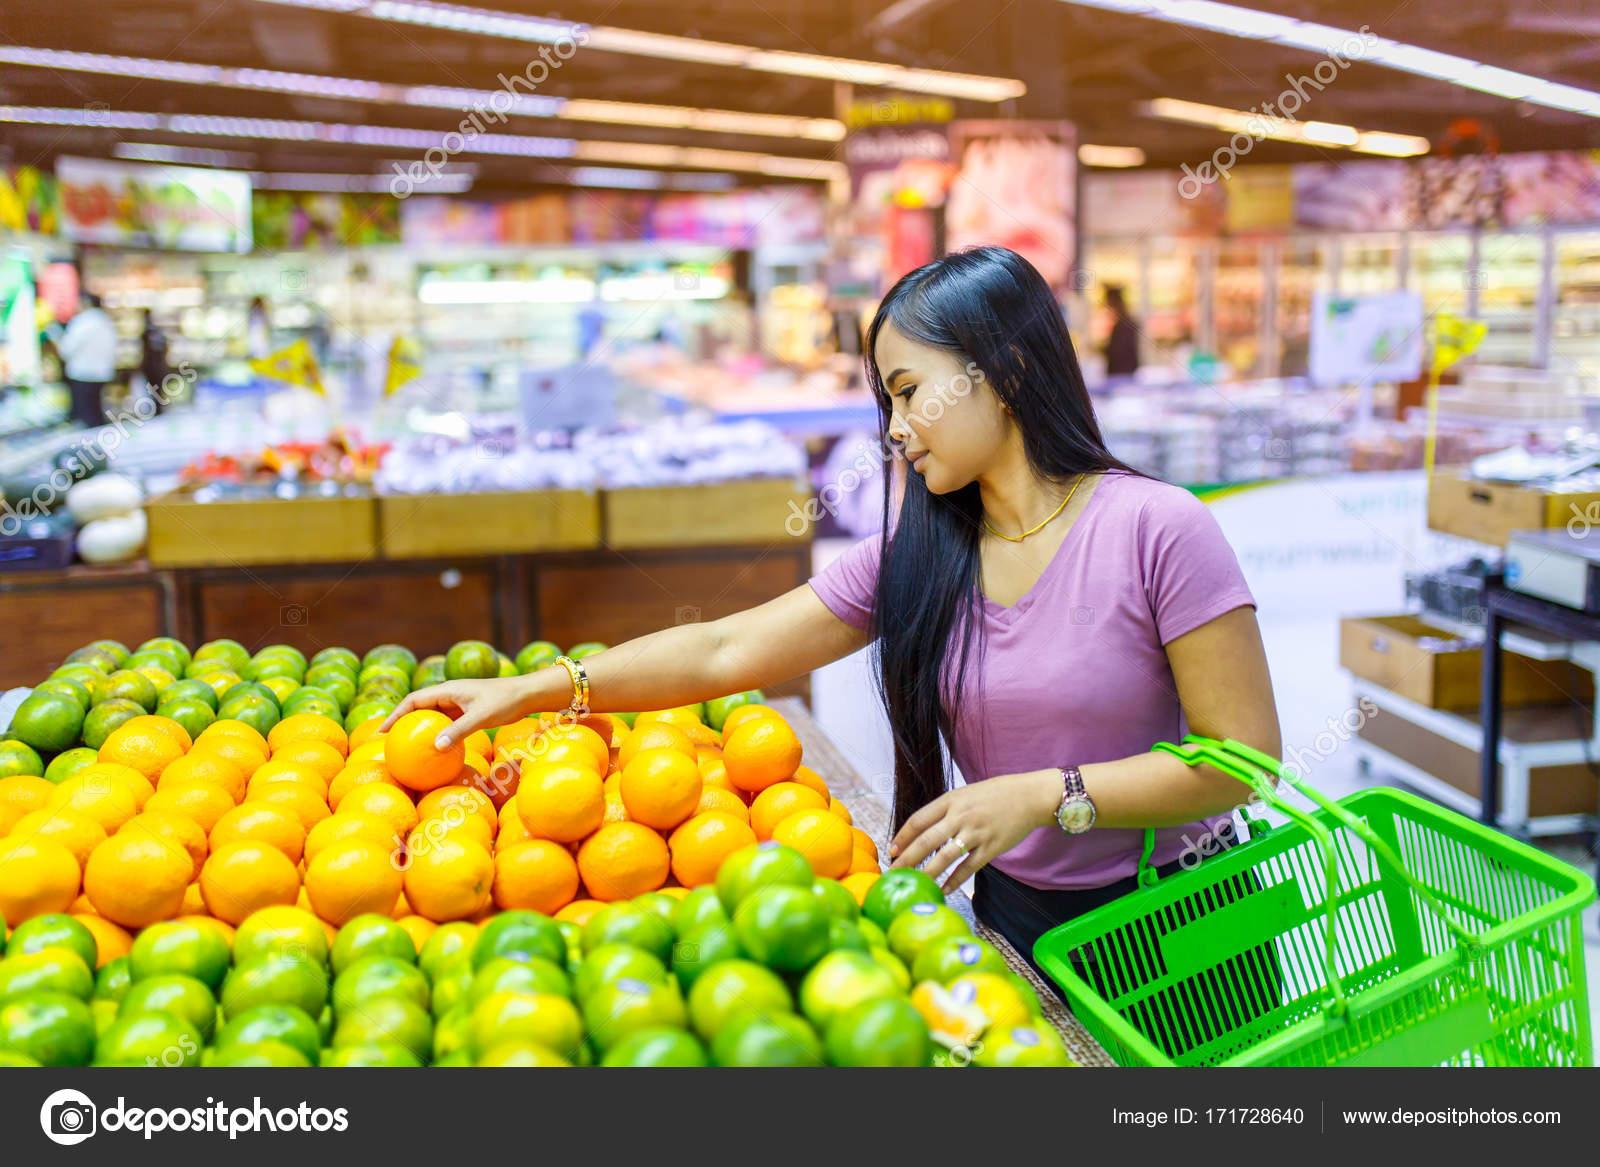 Las mujeres asiáticas bellas compras verduras y frutas en el supermercado —  Foto de Stock 9de4a1f34e75